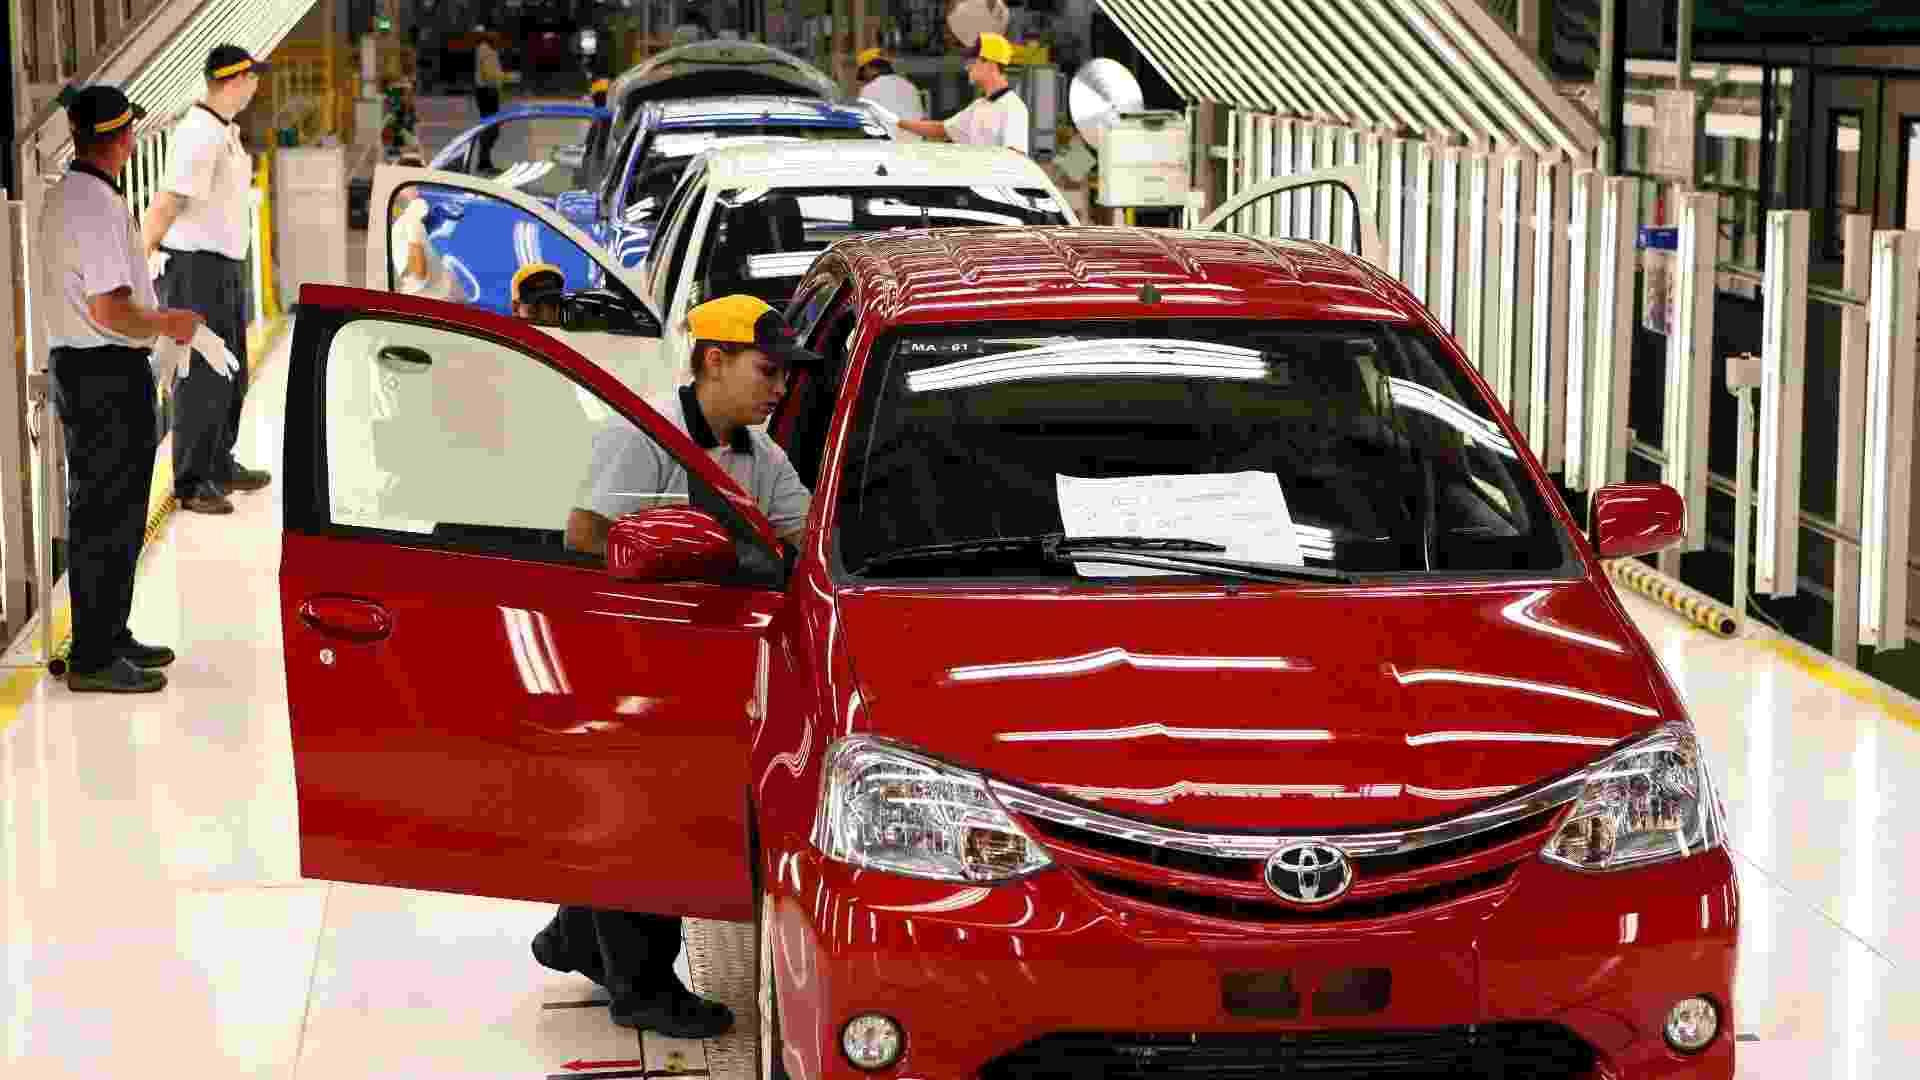 A Toyota começou a produzir nesta quinta-feira (9), na nova fábrica da marca em Sorocaba (SP), o Etios, popular com variações hatch e sedã - Reuters